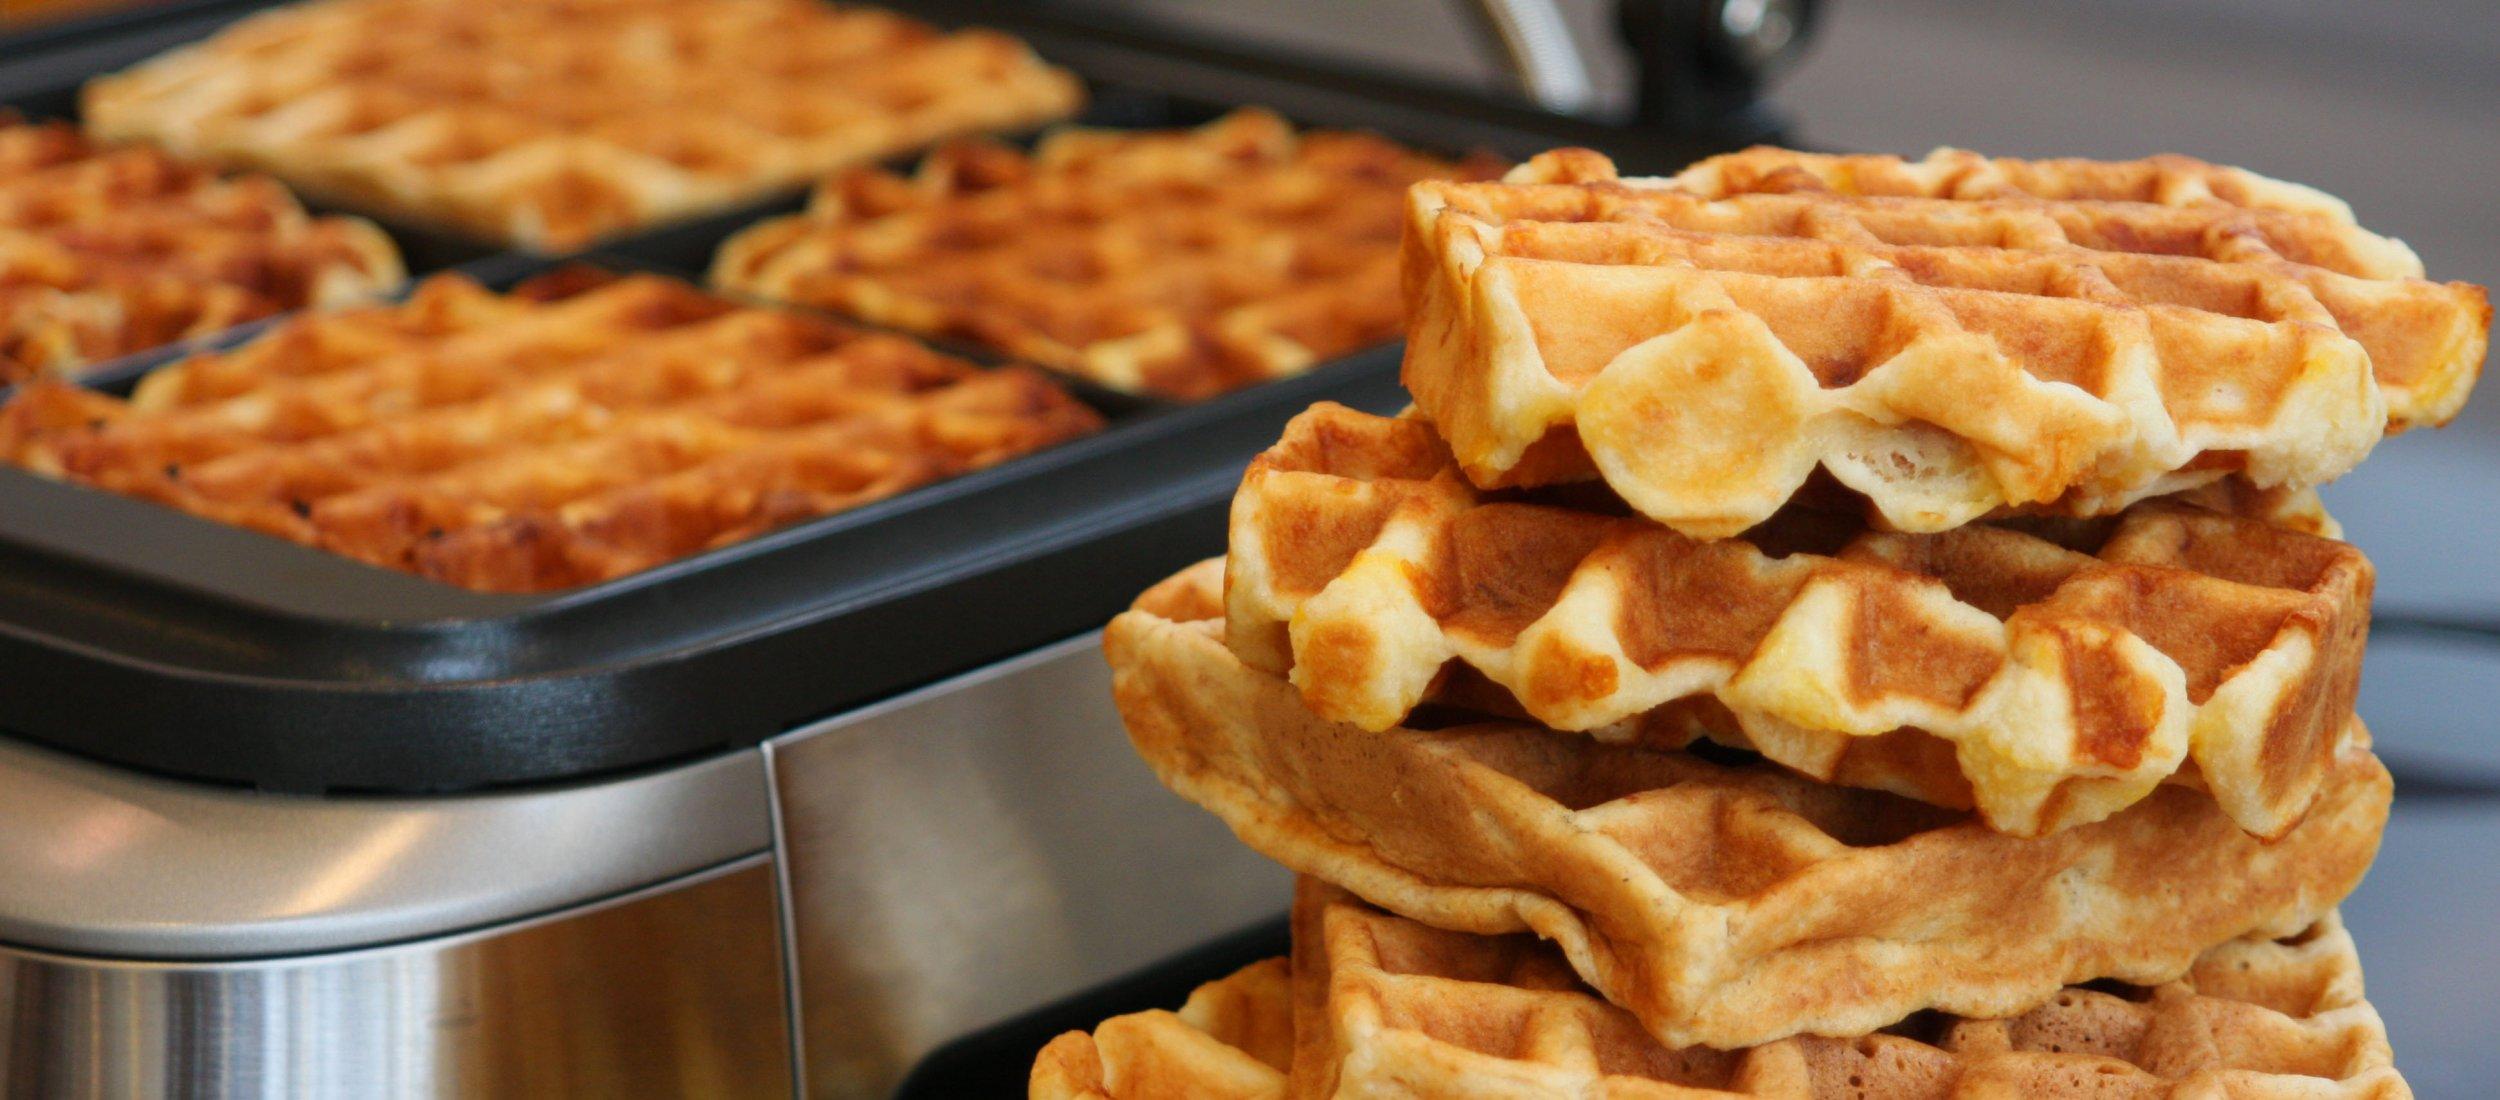 12-13-2013_NW0345_Waffle